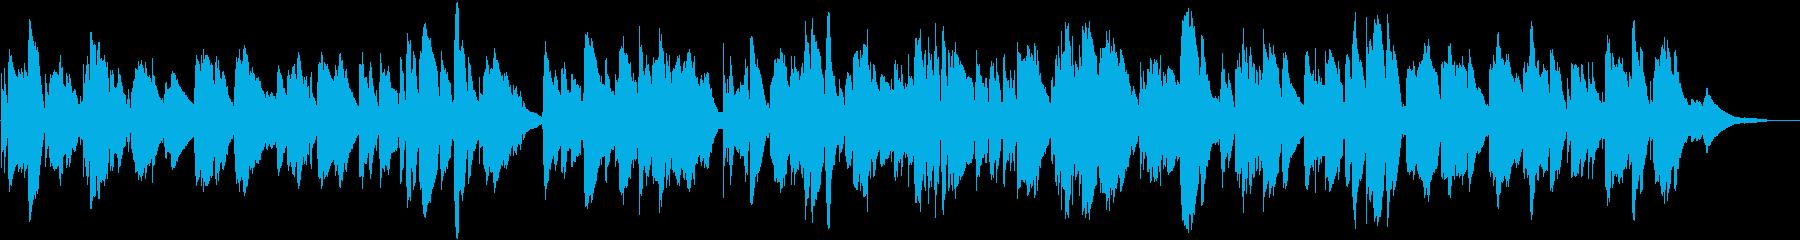 星空・アコースティックなケルト※Vln無の再生済みの波形